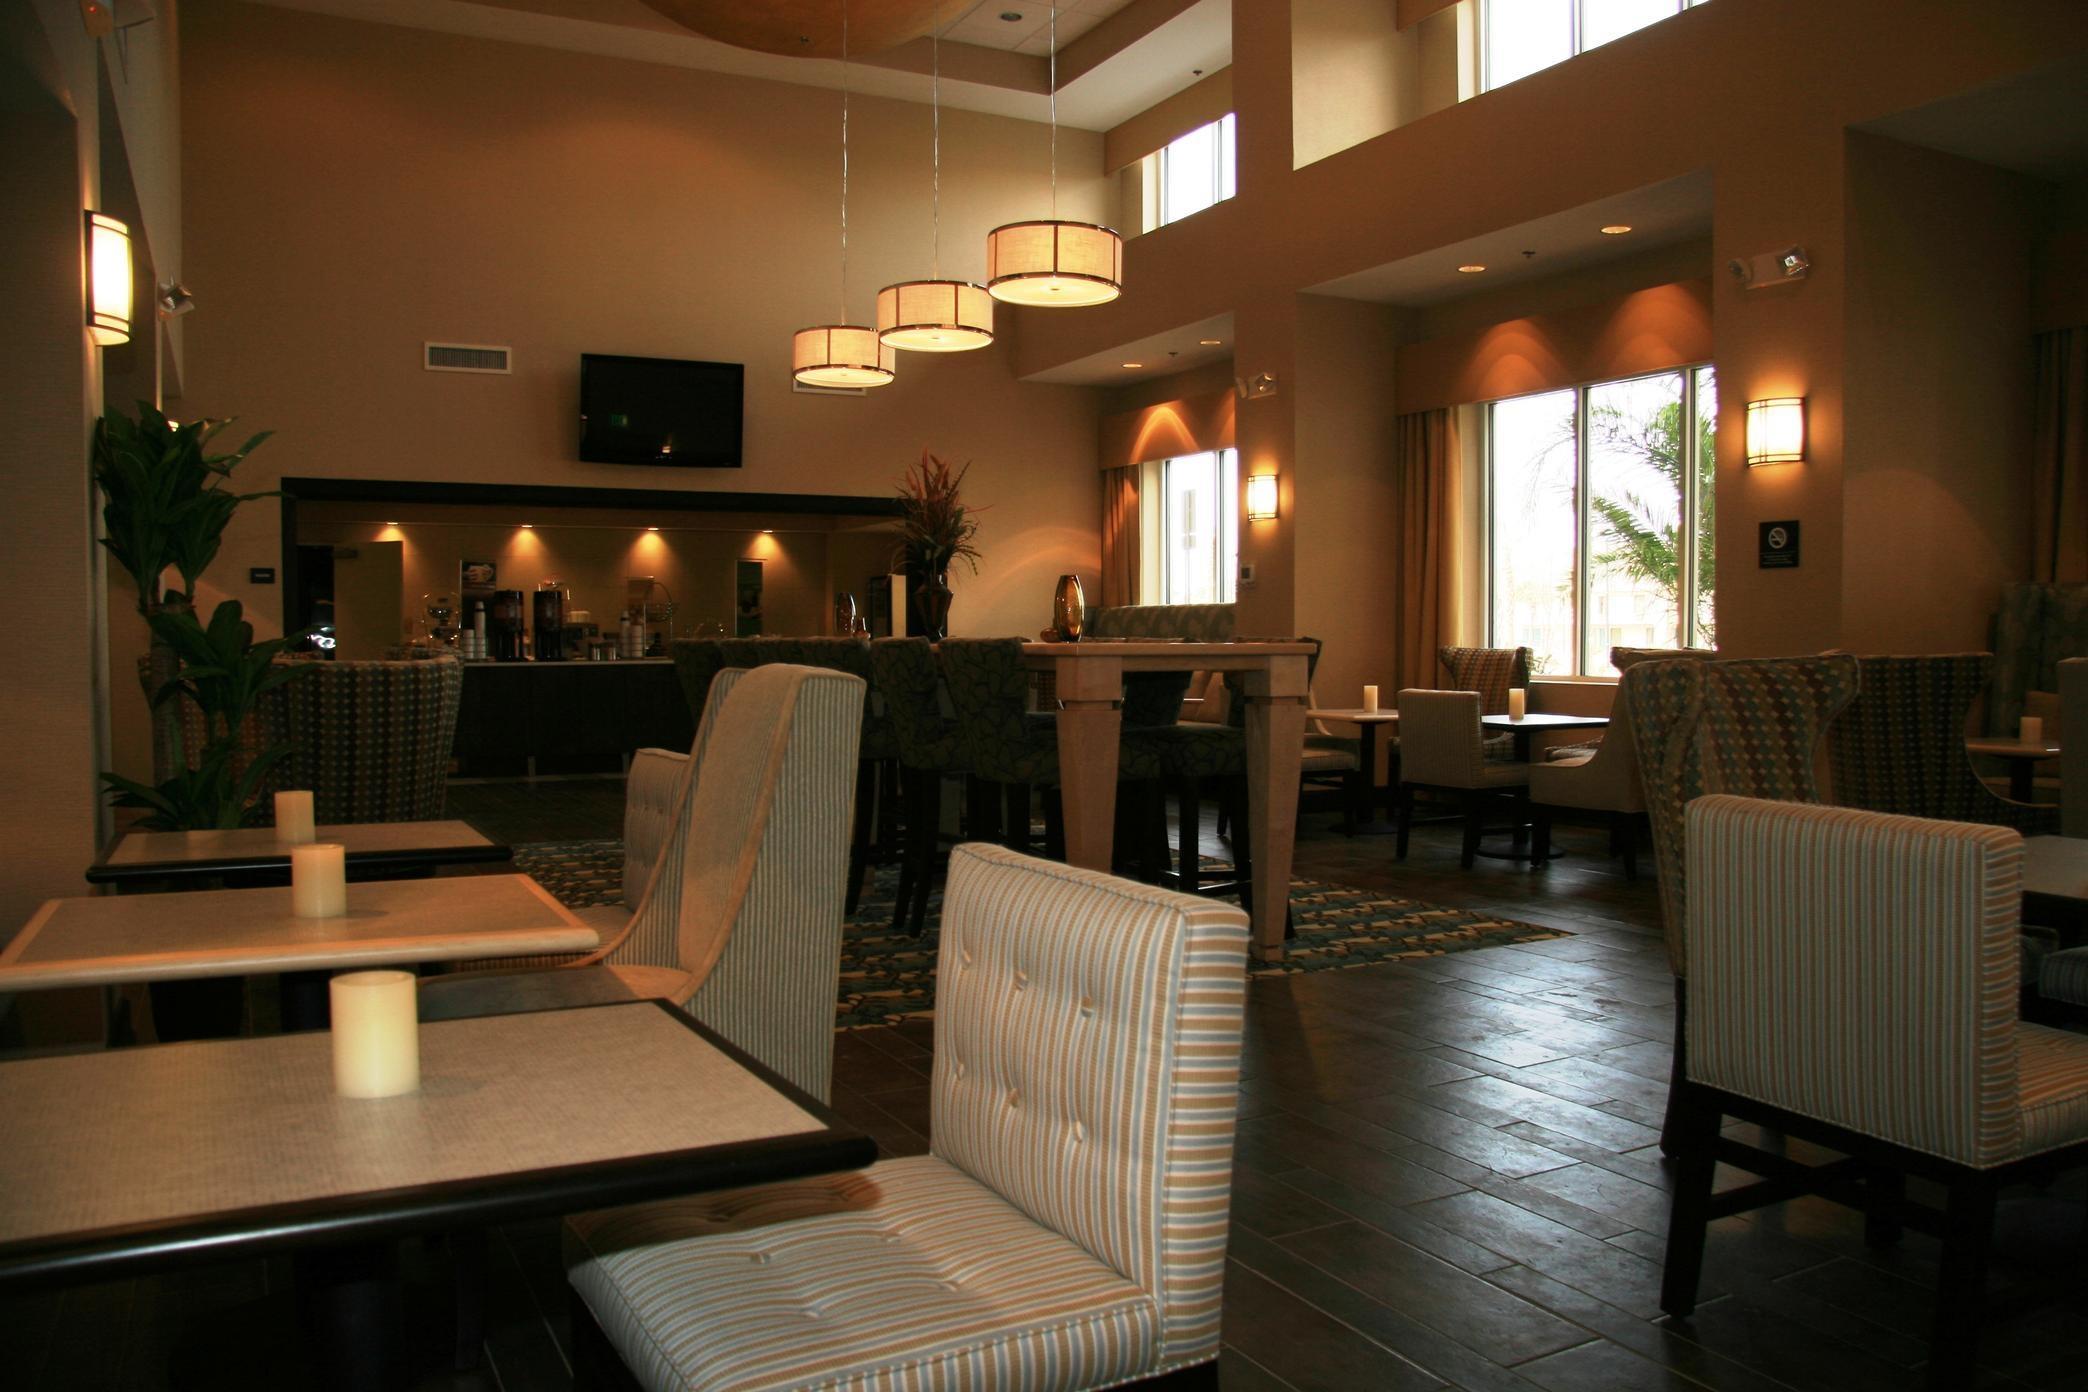 Hampton Inn & Suites Brunswick image 1